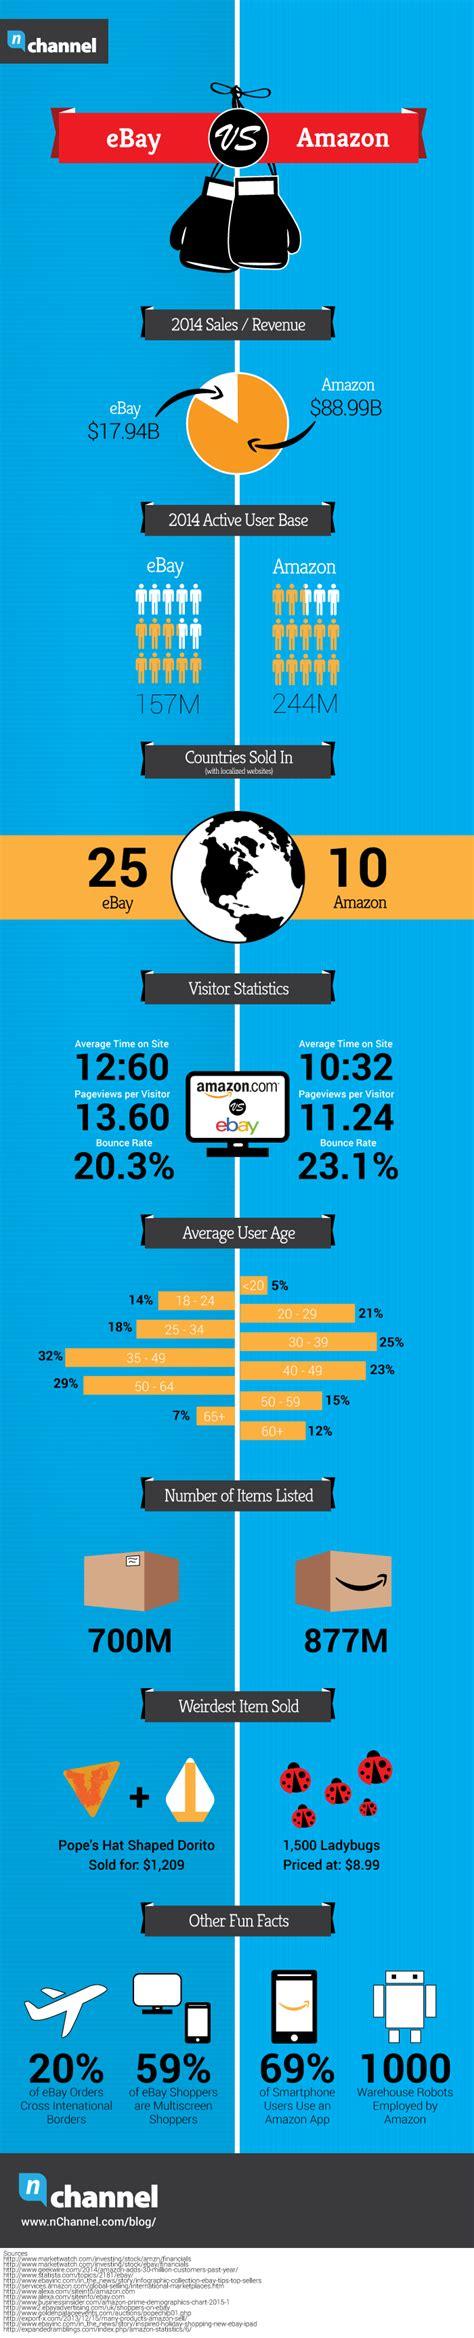 ebay vs amazon infographic a comparison of ebay vs amazon selling